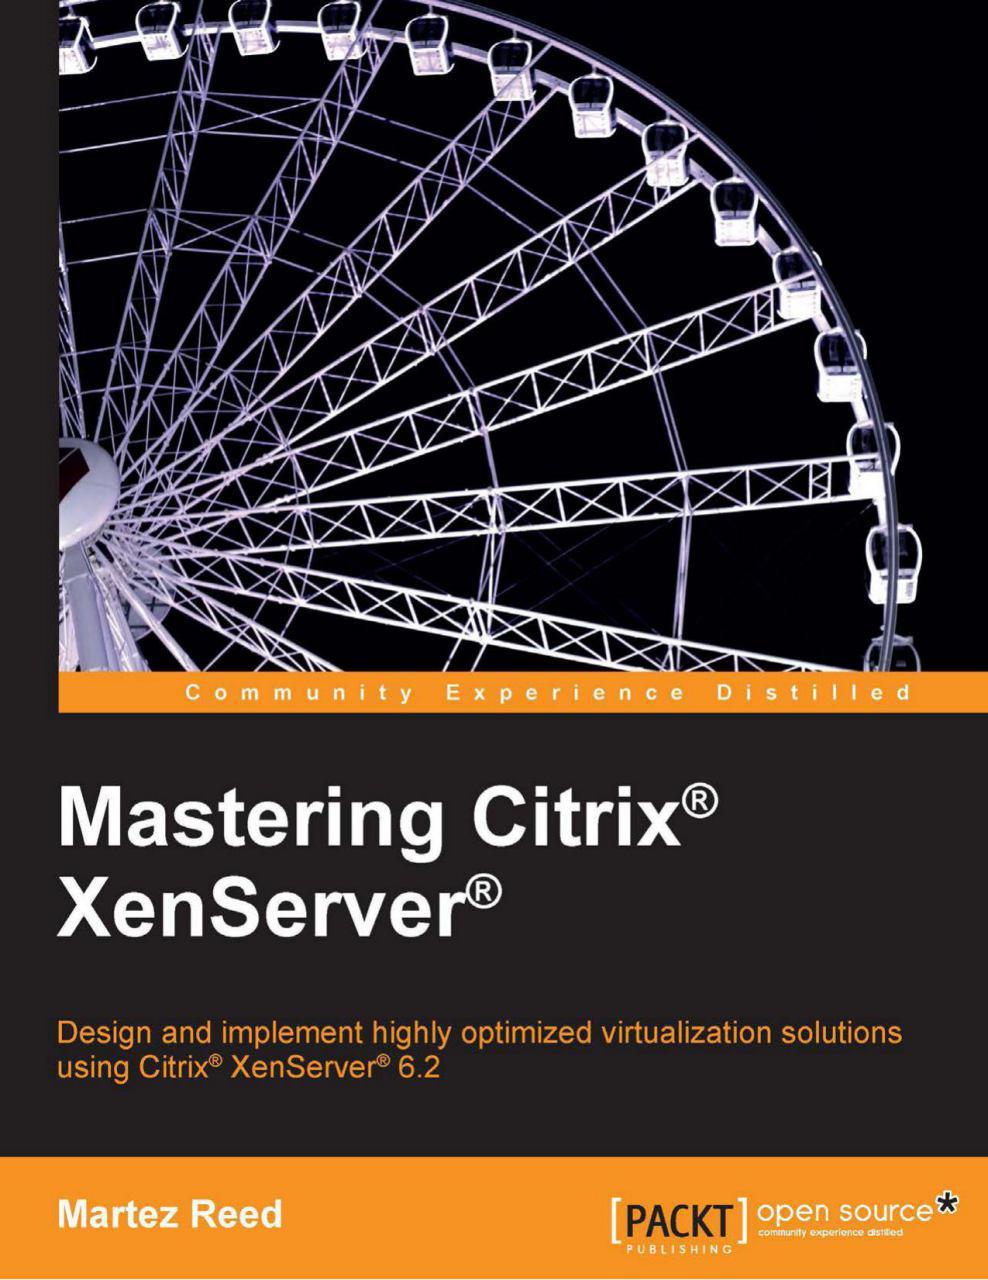 PDF رایگان کتاب Mastering Citrix XenServer | دانلود کتاب Mastering Citrix XenServer | پی دی اف کتاب Mastering Citrix XenServer